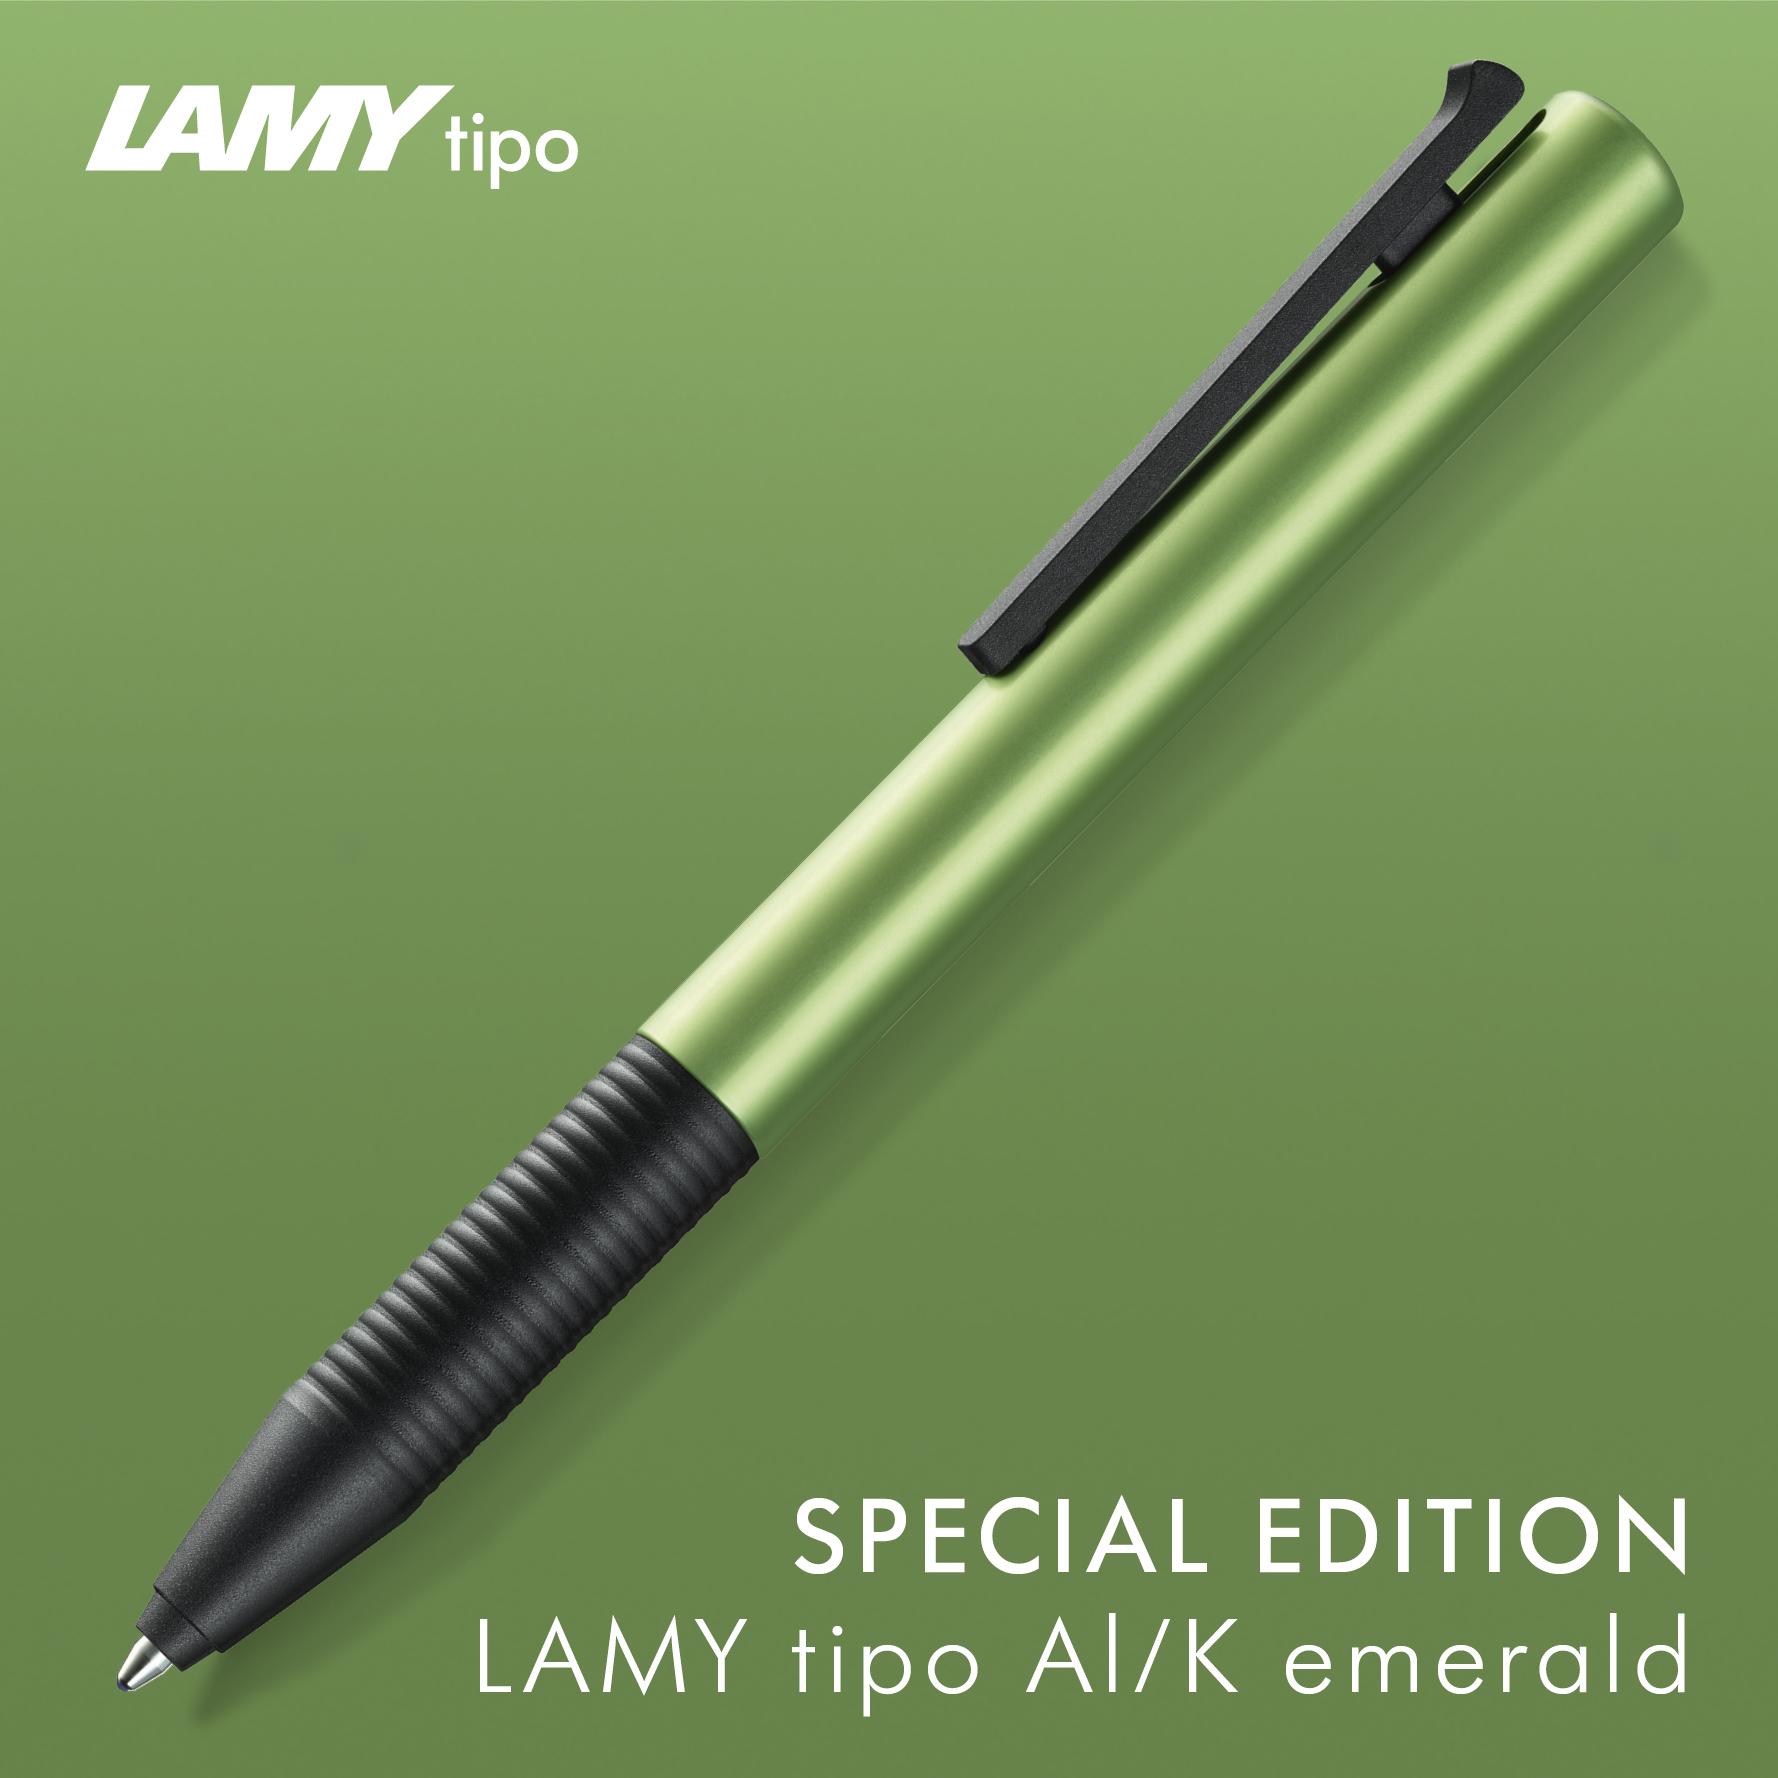 LAMY tipo AI/K emerald